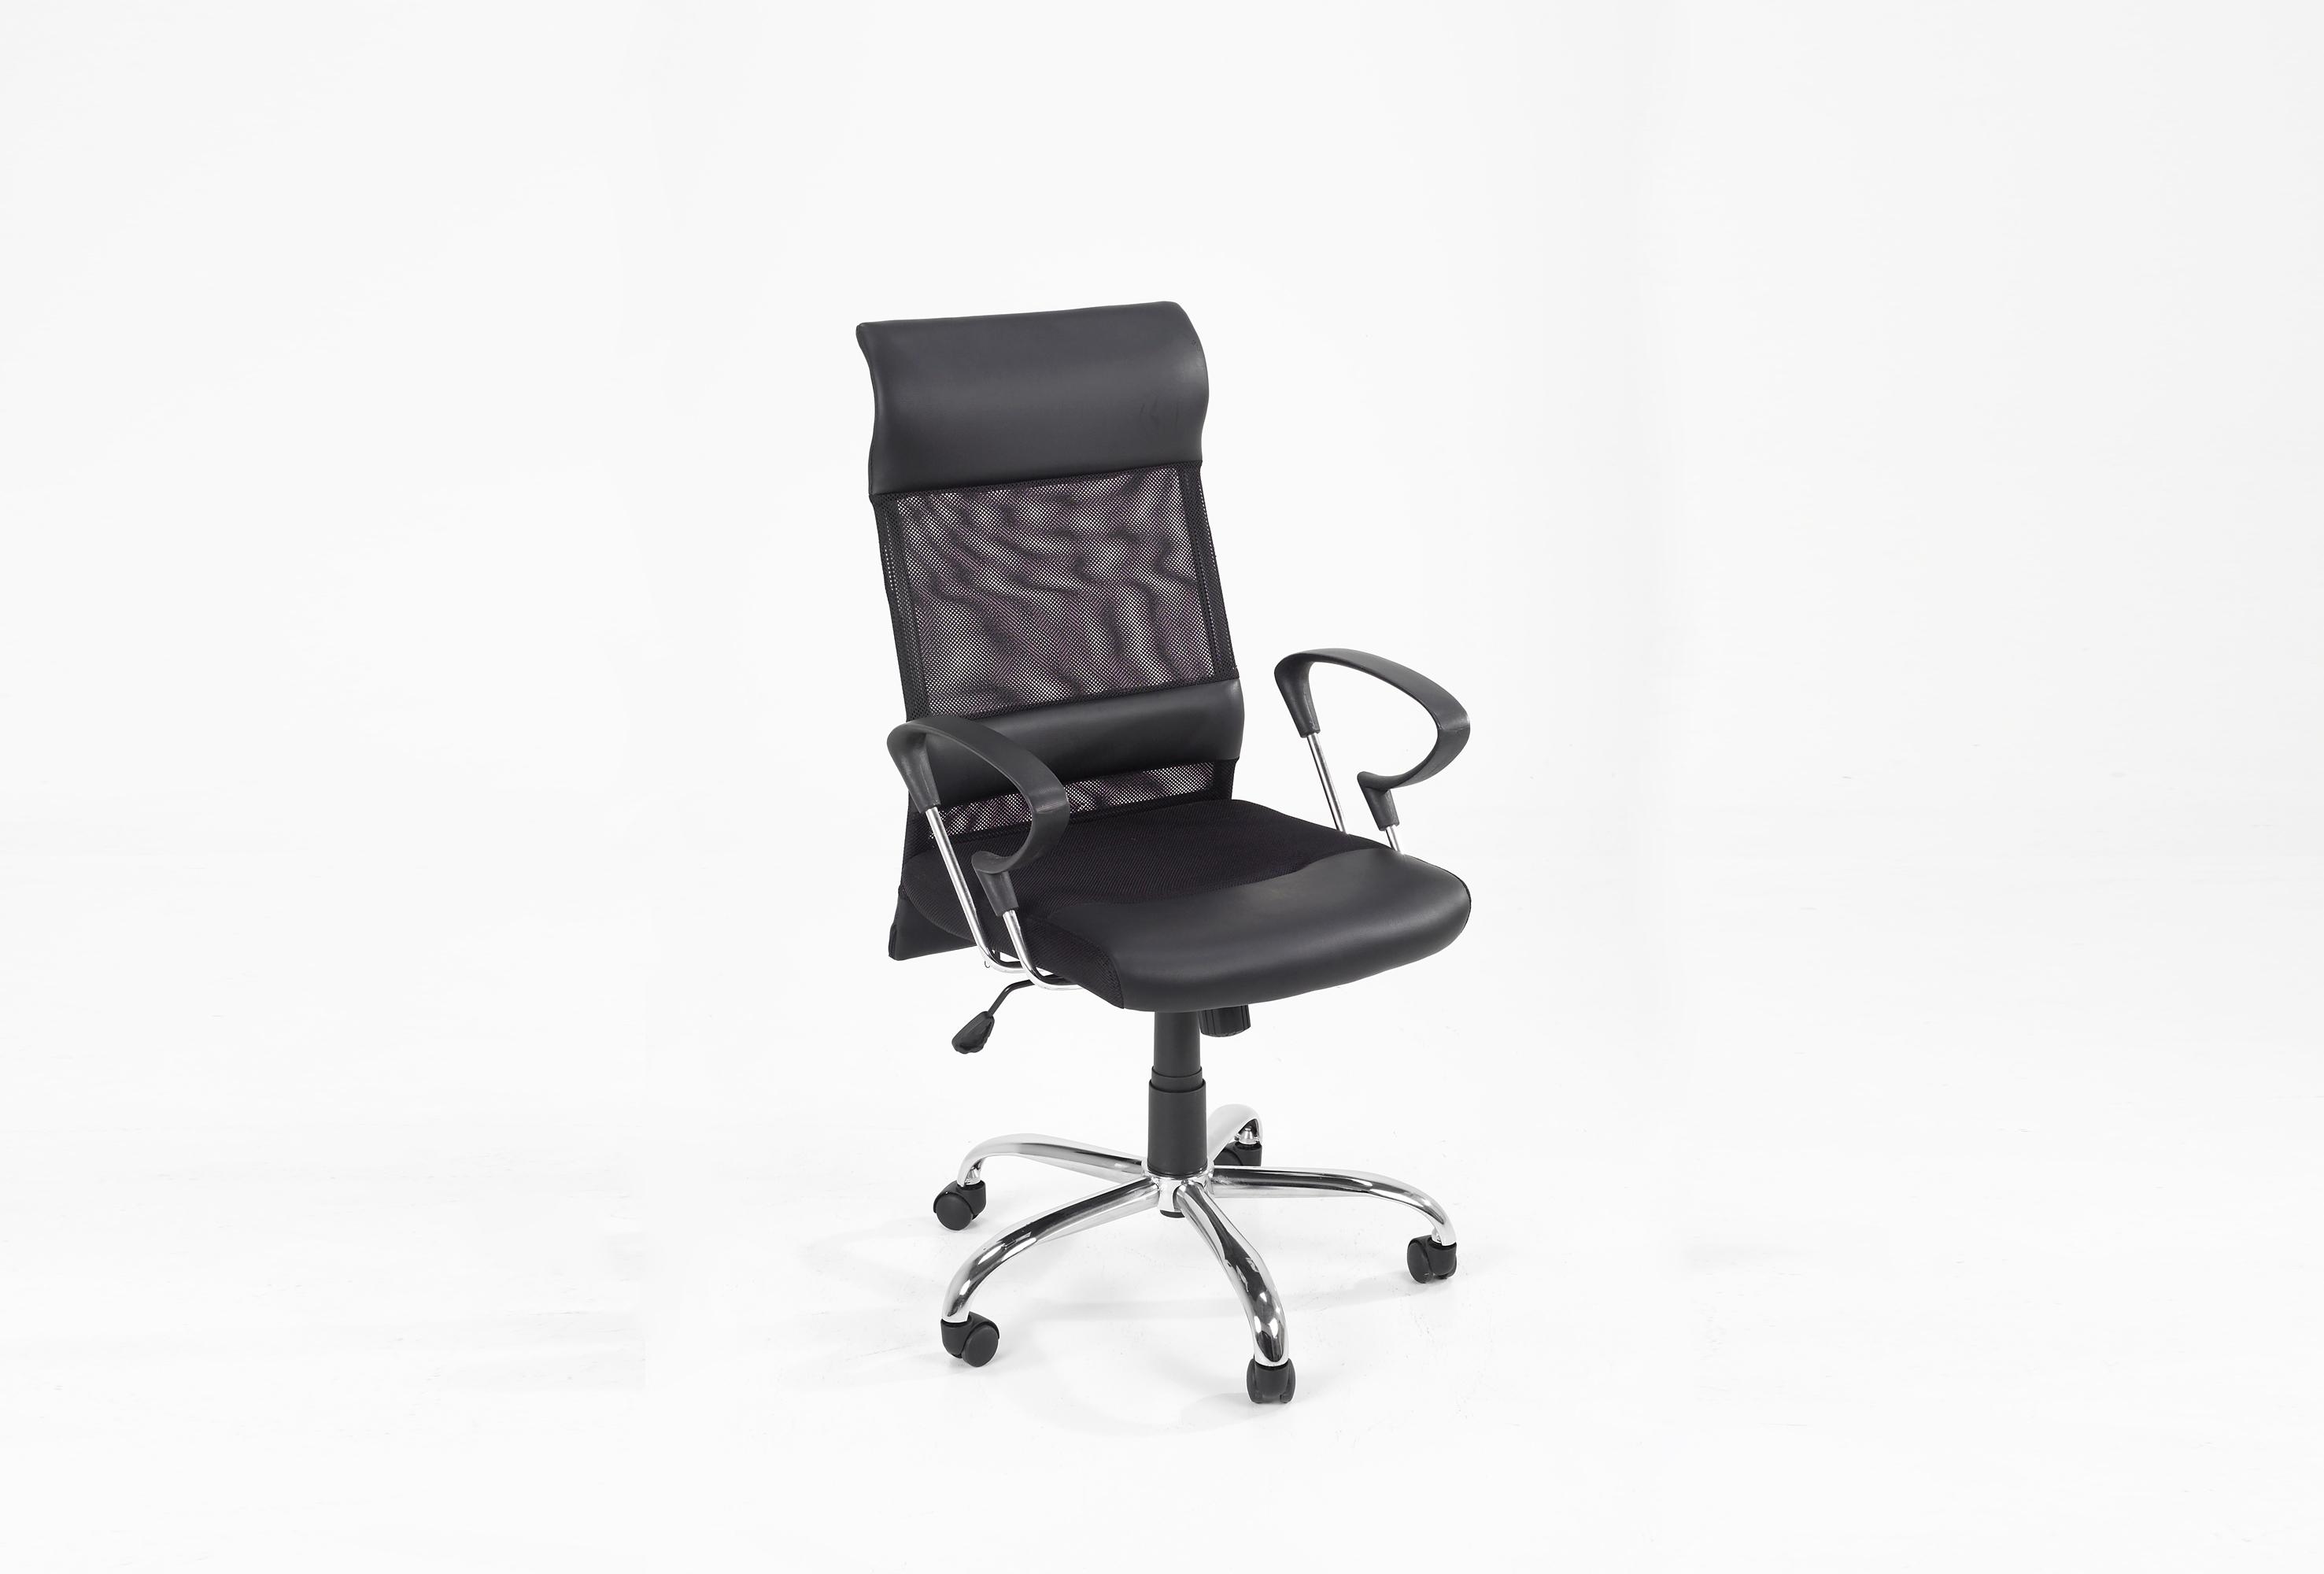 Scaun de birou ergonomic Rosenheim Black